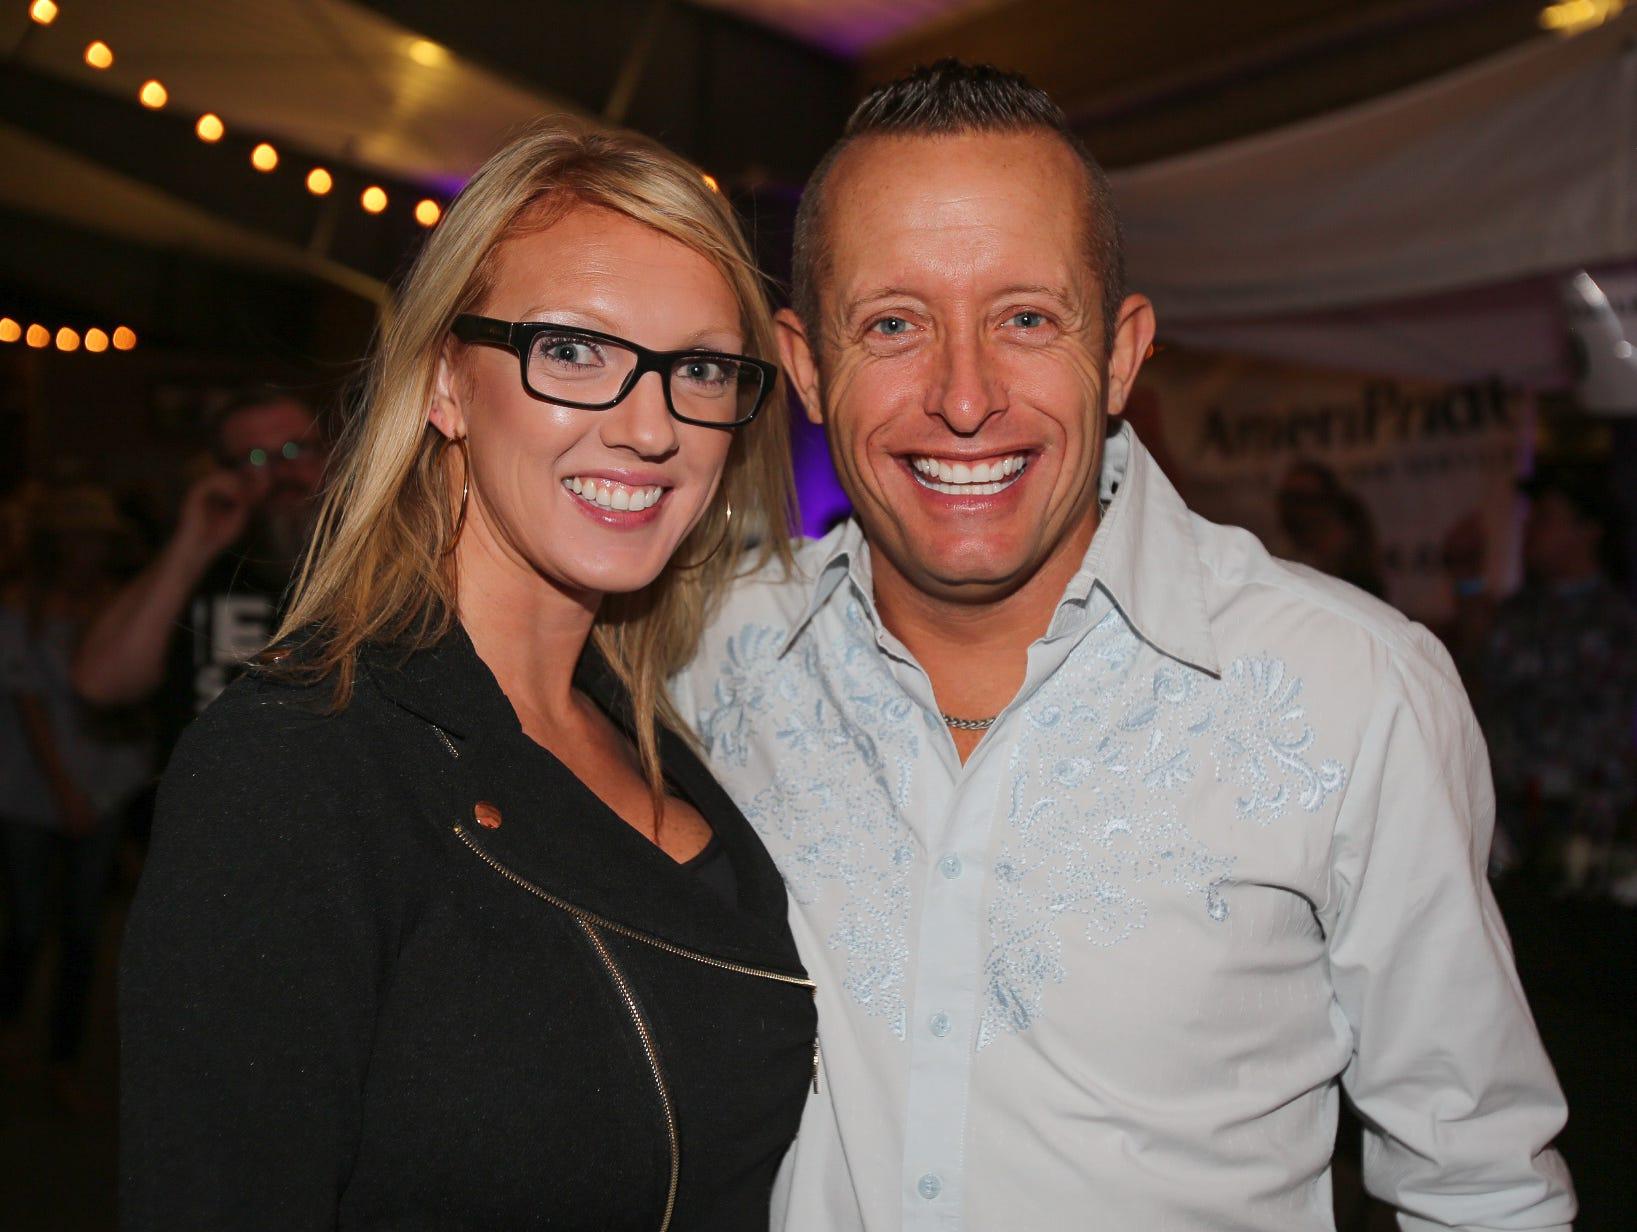 Dana Goldsmith and Shawn Clawson